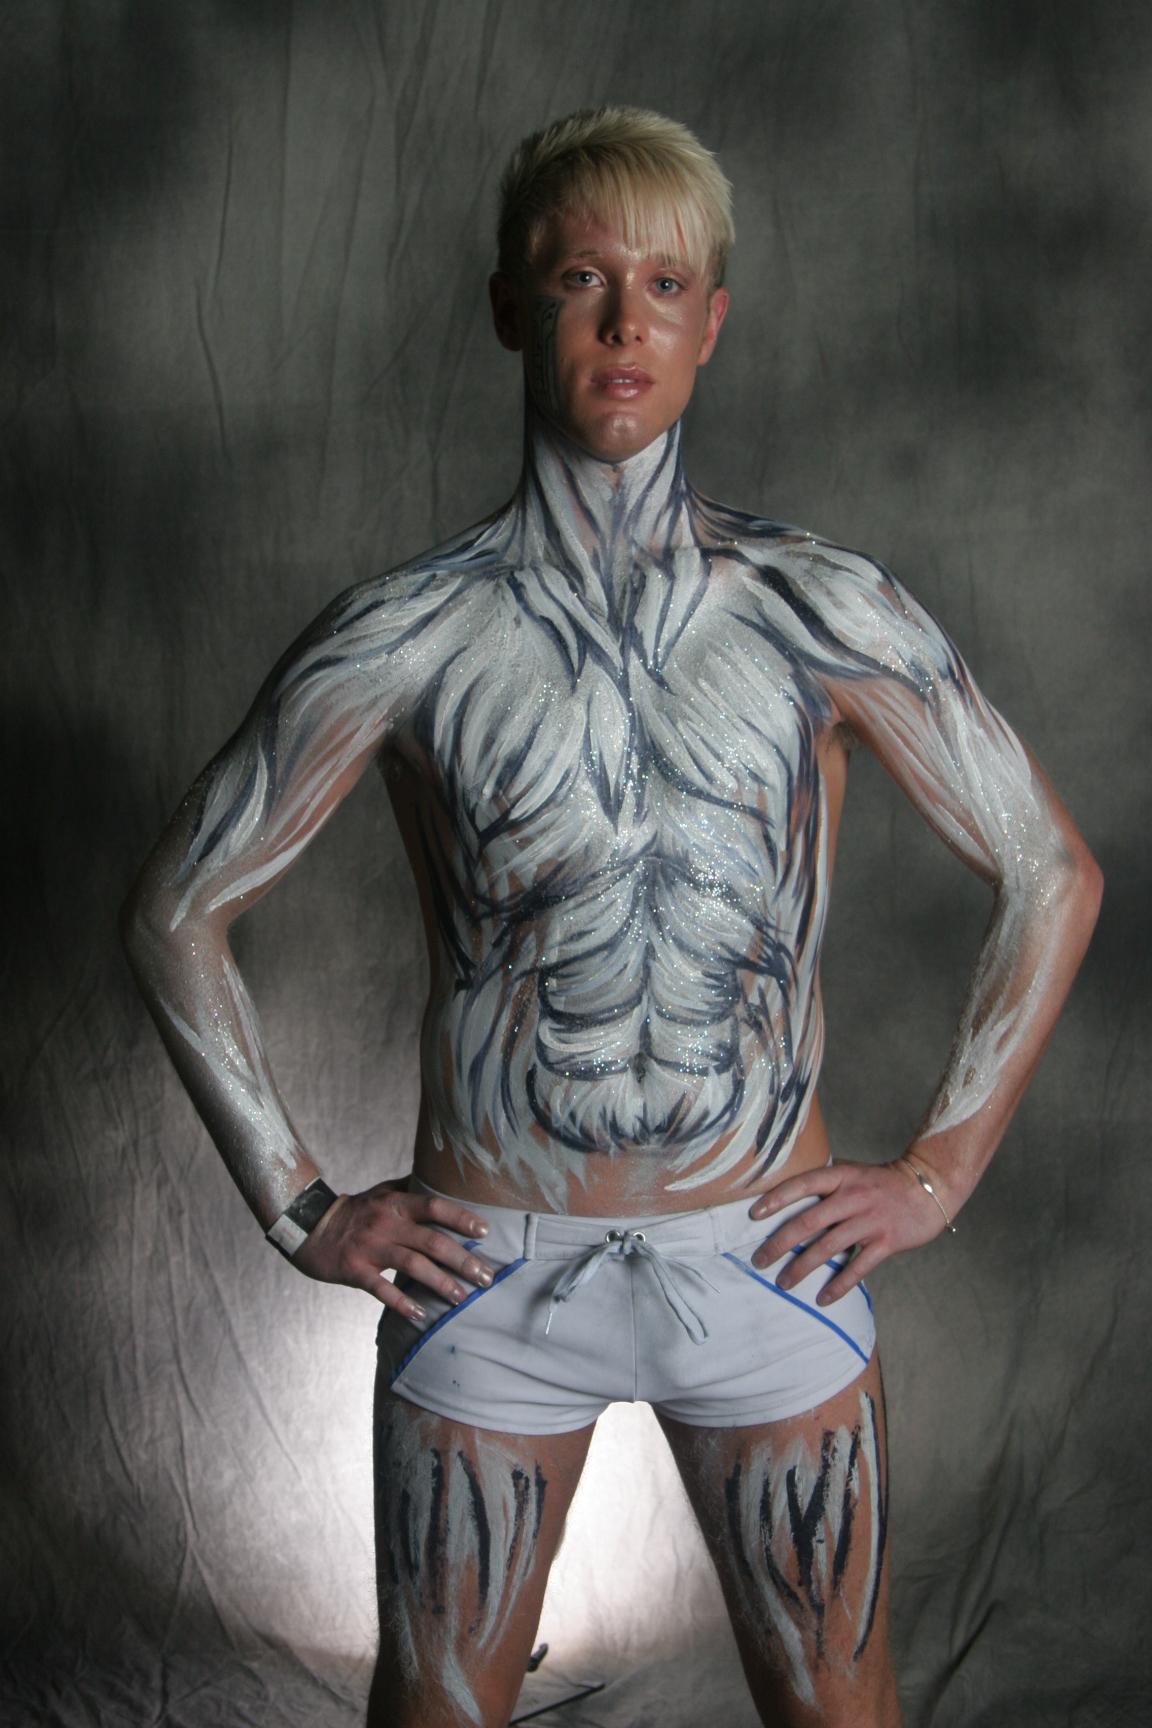 bodypaint tutorial